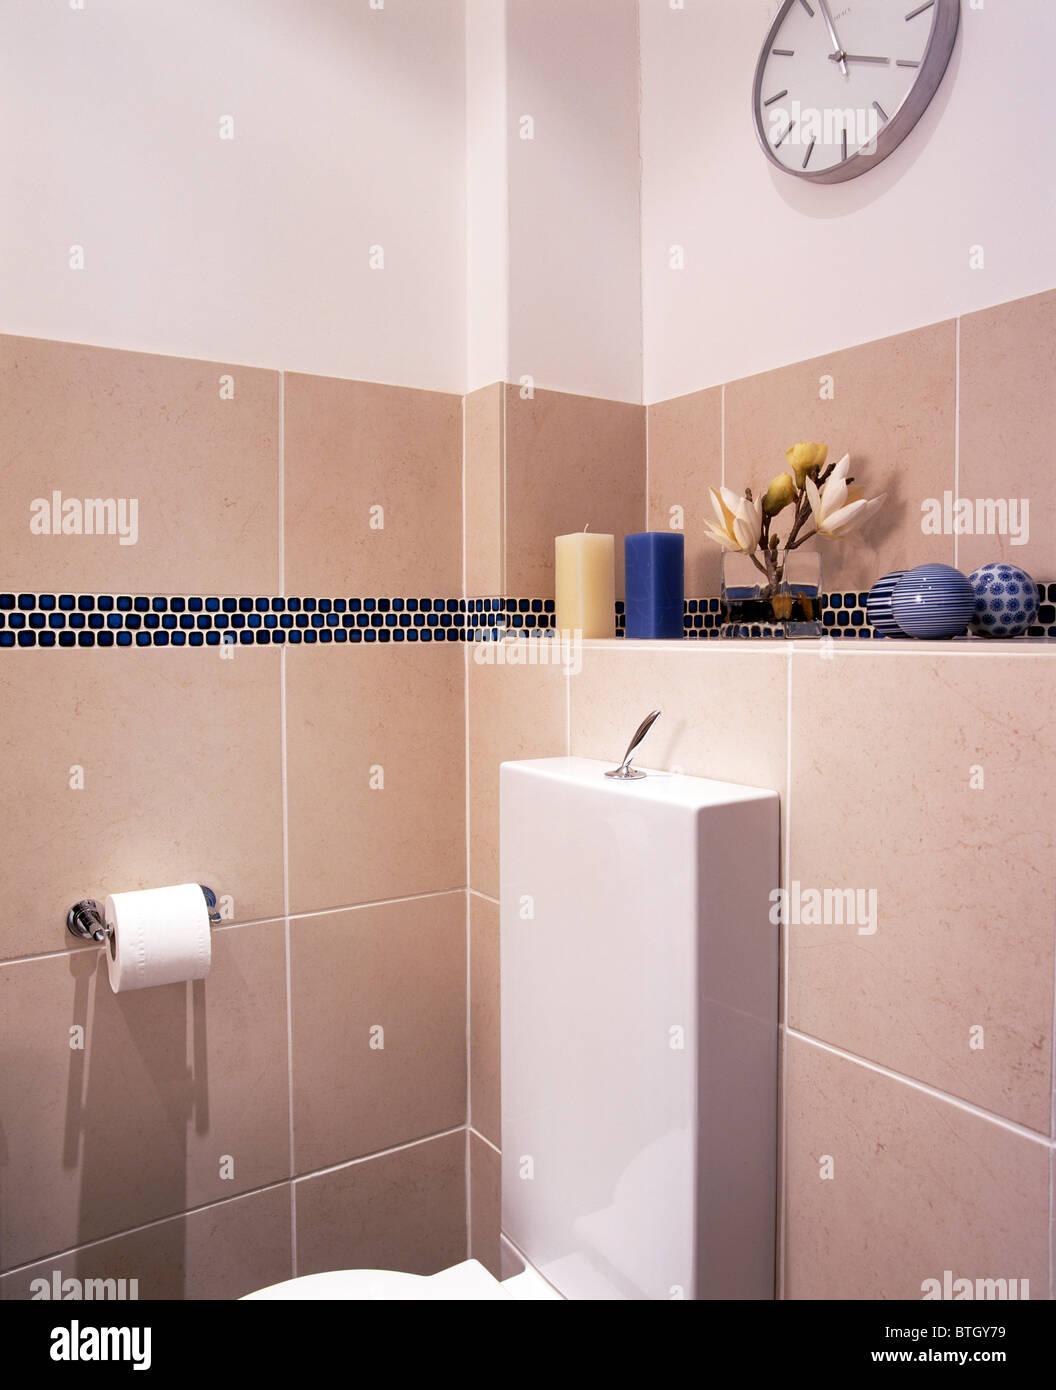 Ecke des modernen Beige-weiß gefliestes Badezimmer Stockfoto ...